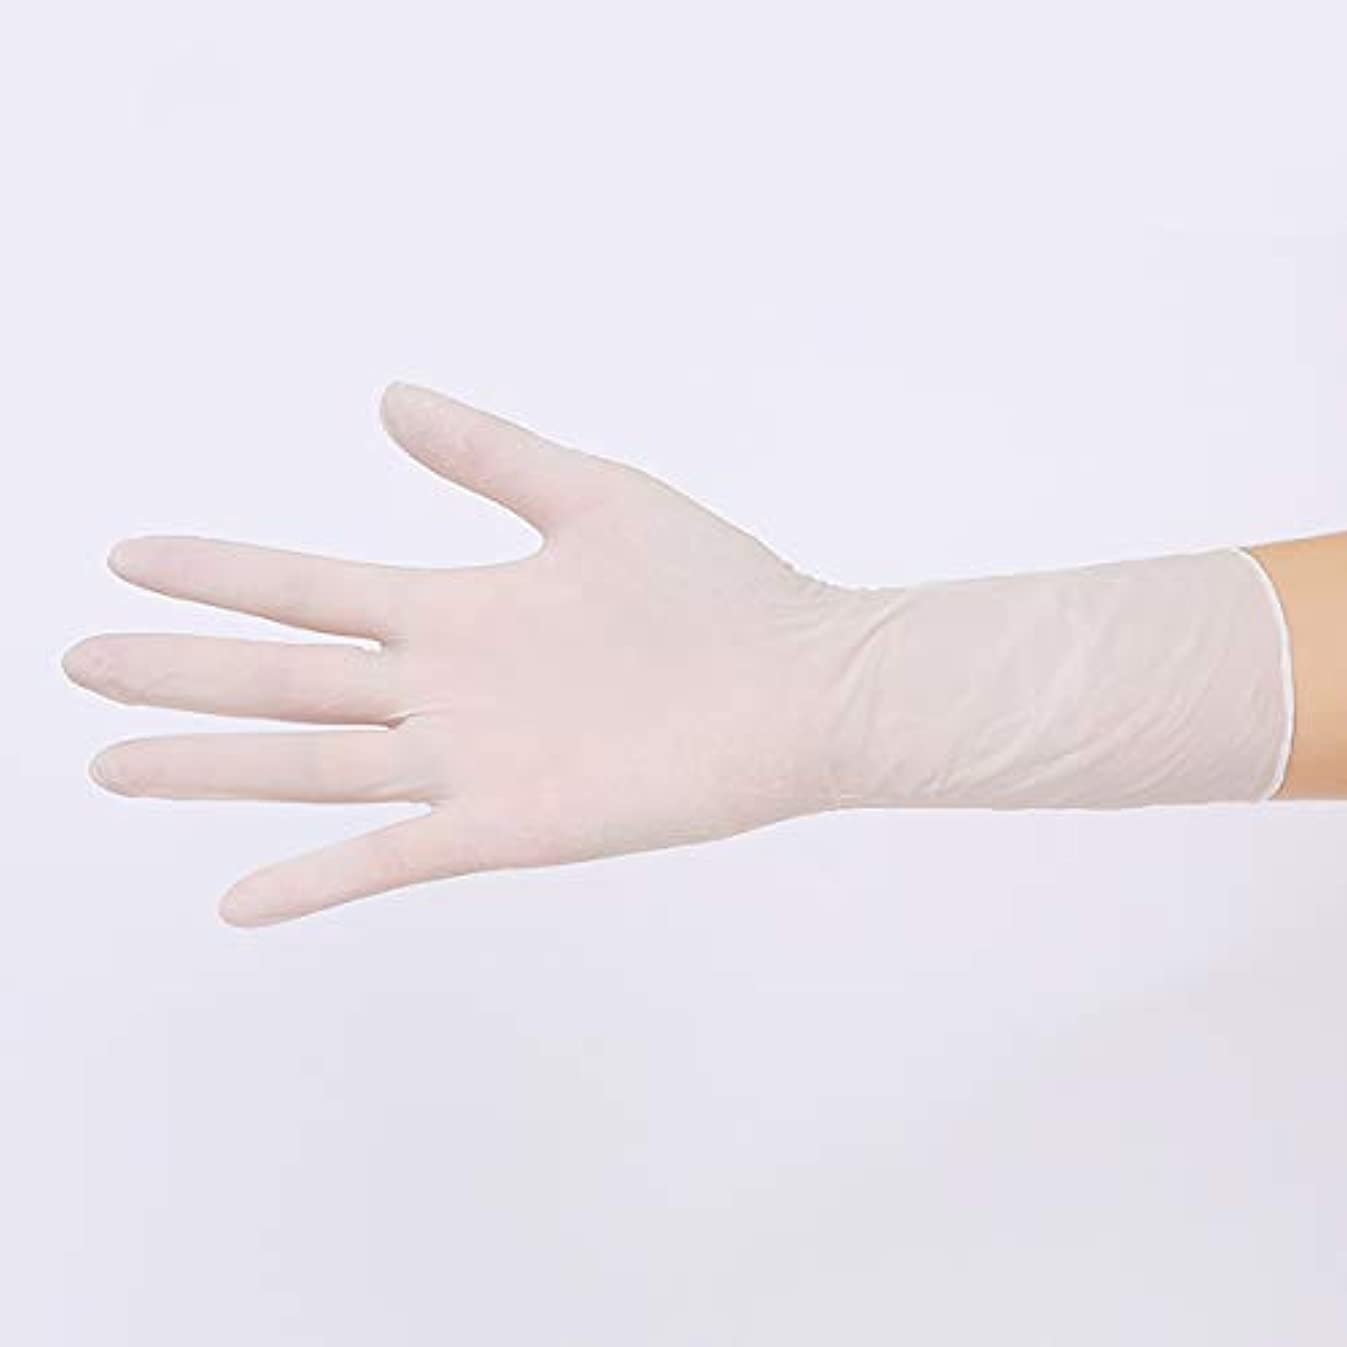 習熟度シネマコンソールニトリルグローブ 使い捨て手袋 グローブ パウダーフリー 作業 介護 調理 炊事 園芸 掃除用,Whitelength100,M